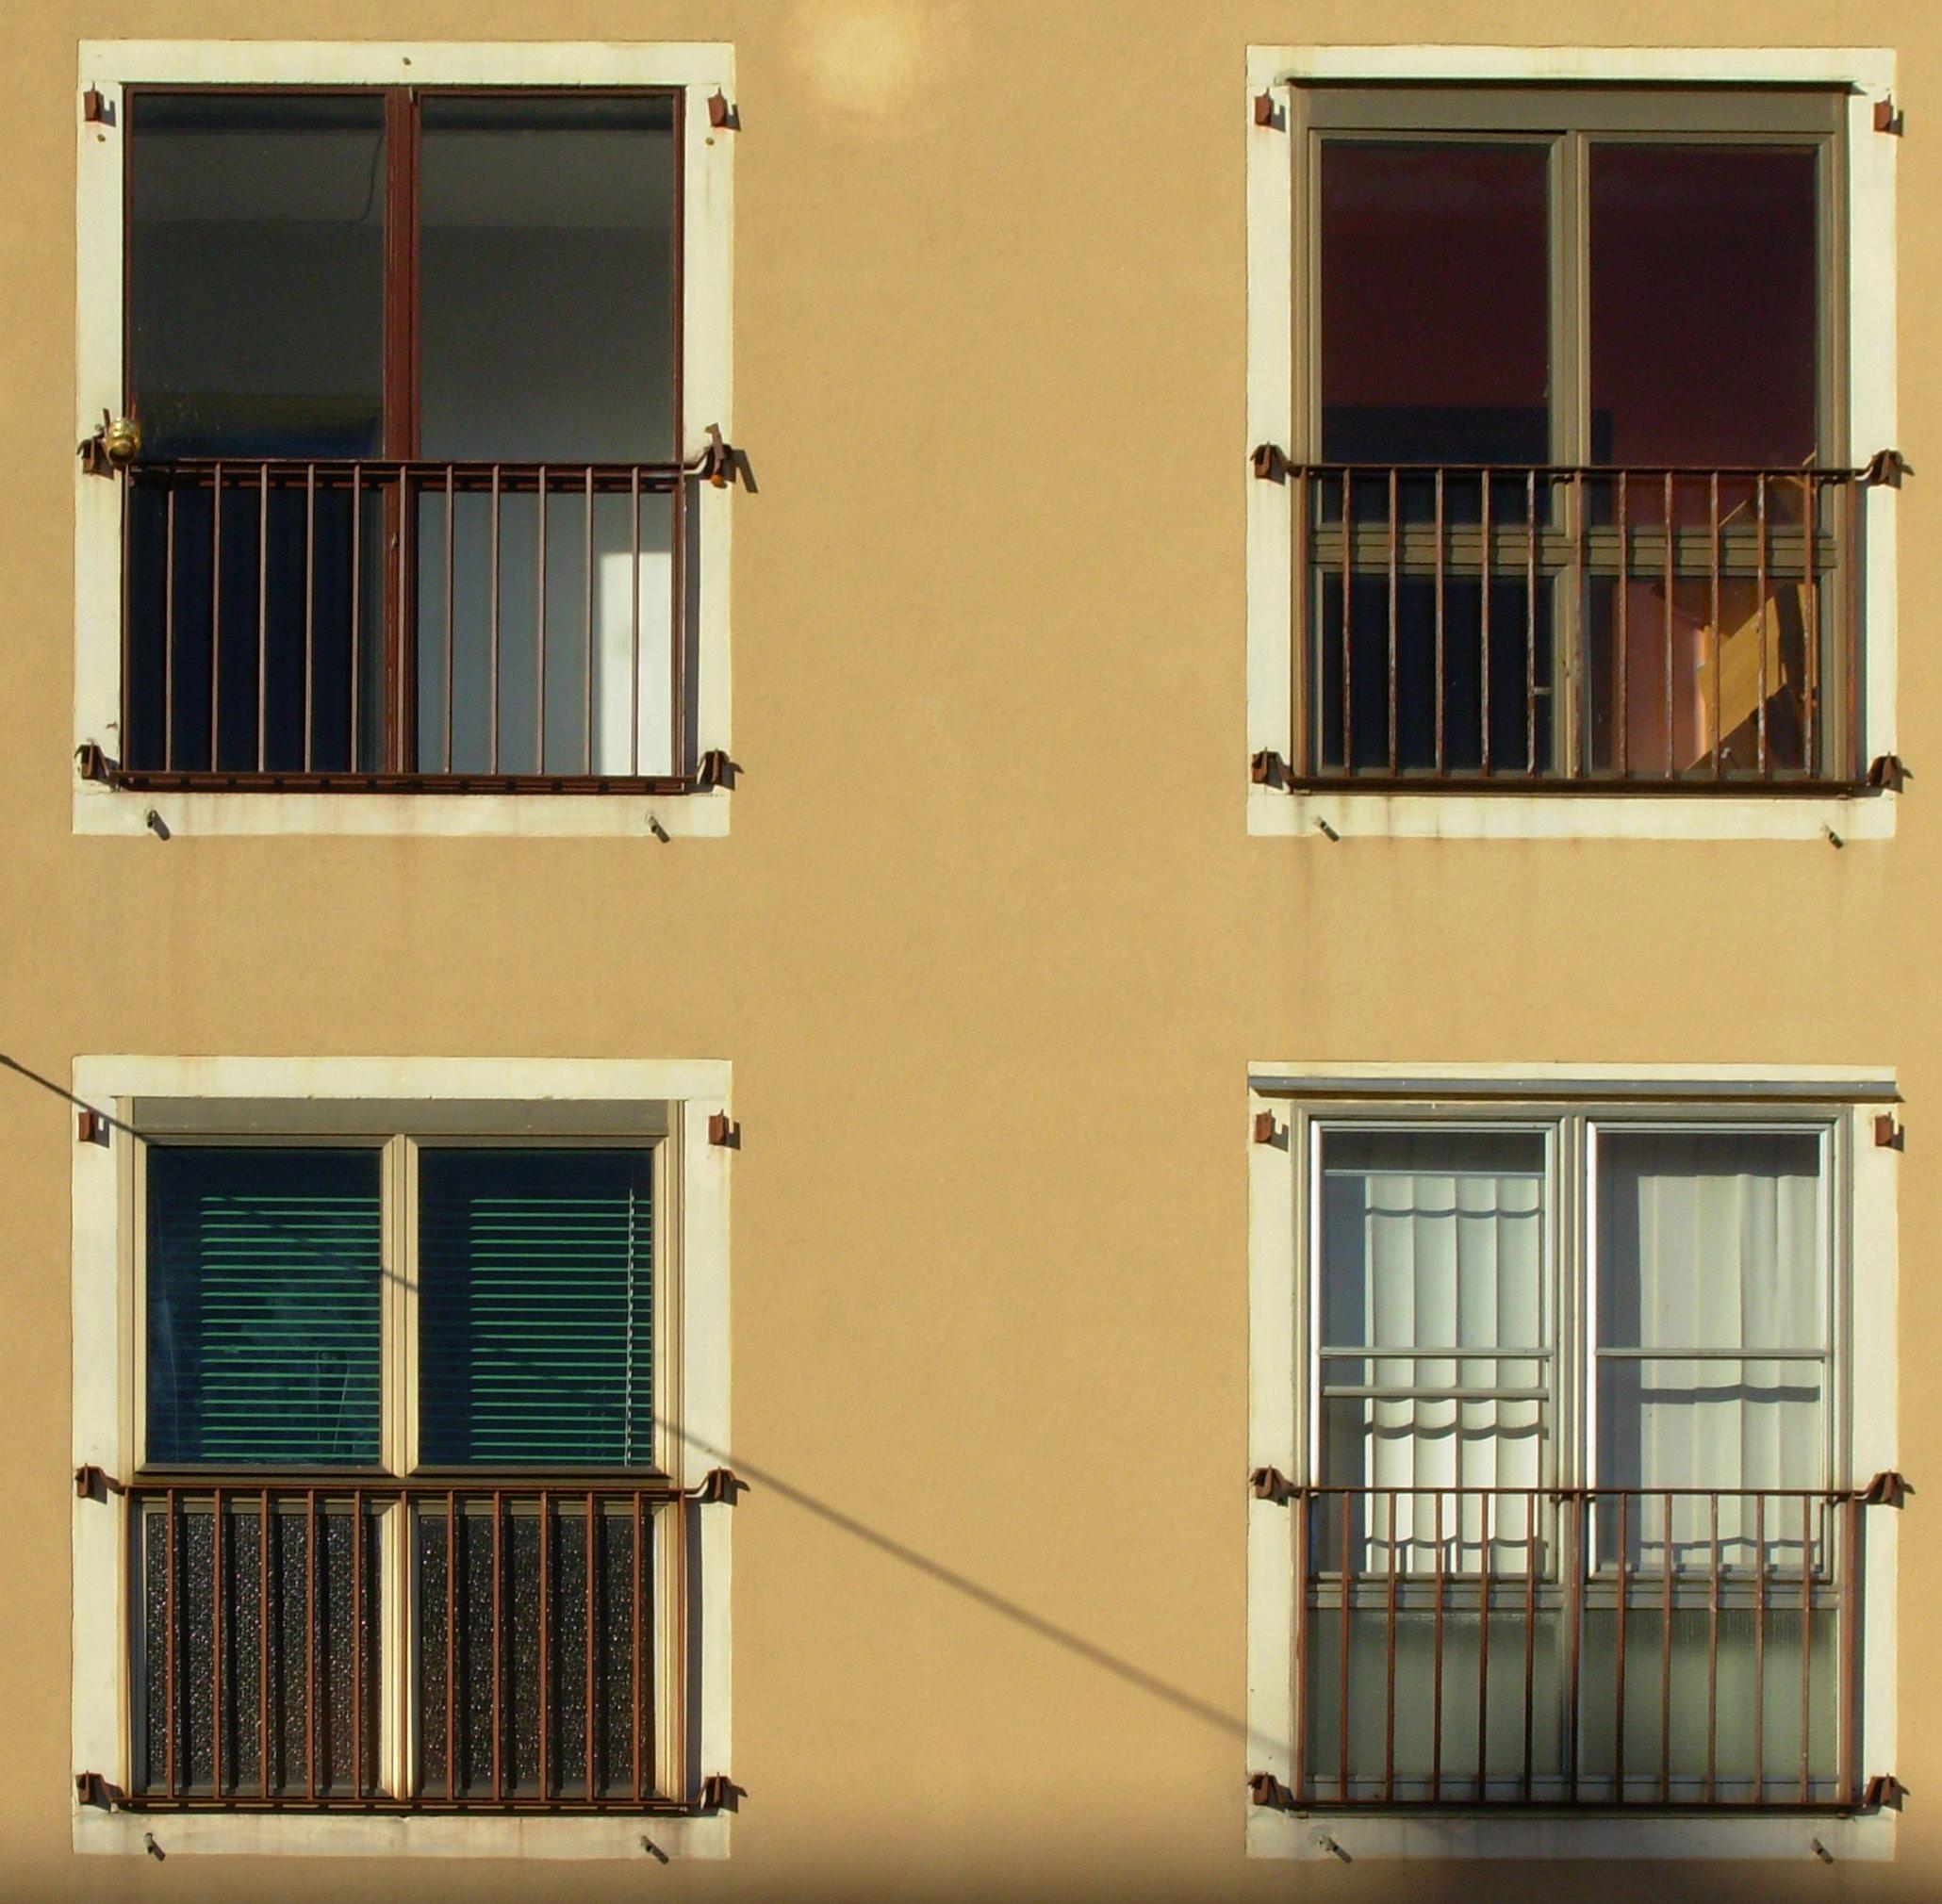 Cambiare finestre opera - Cambiare finestre ...